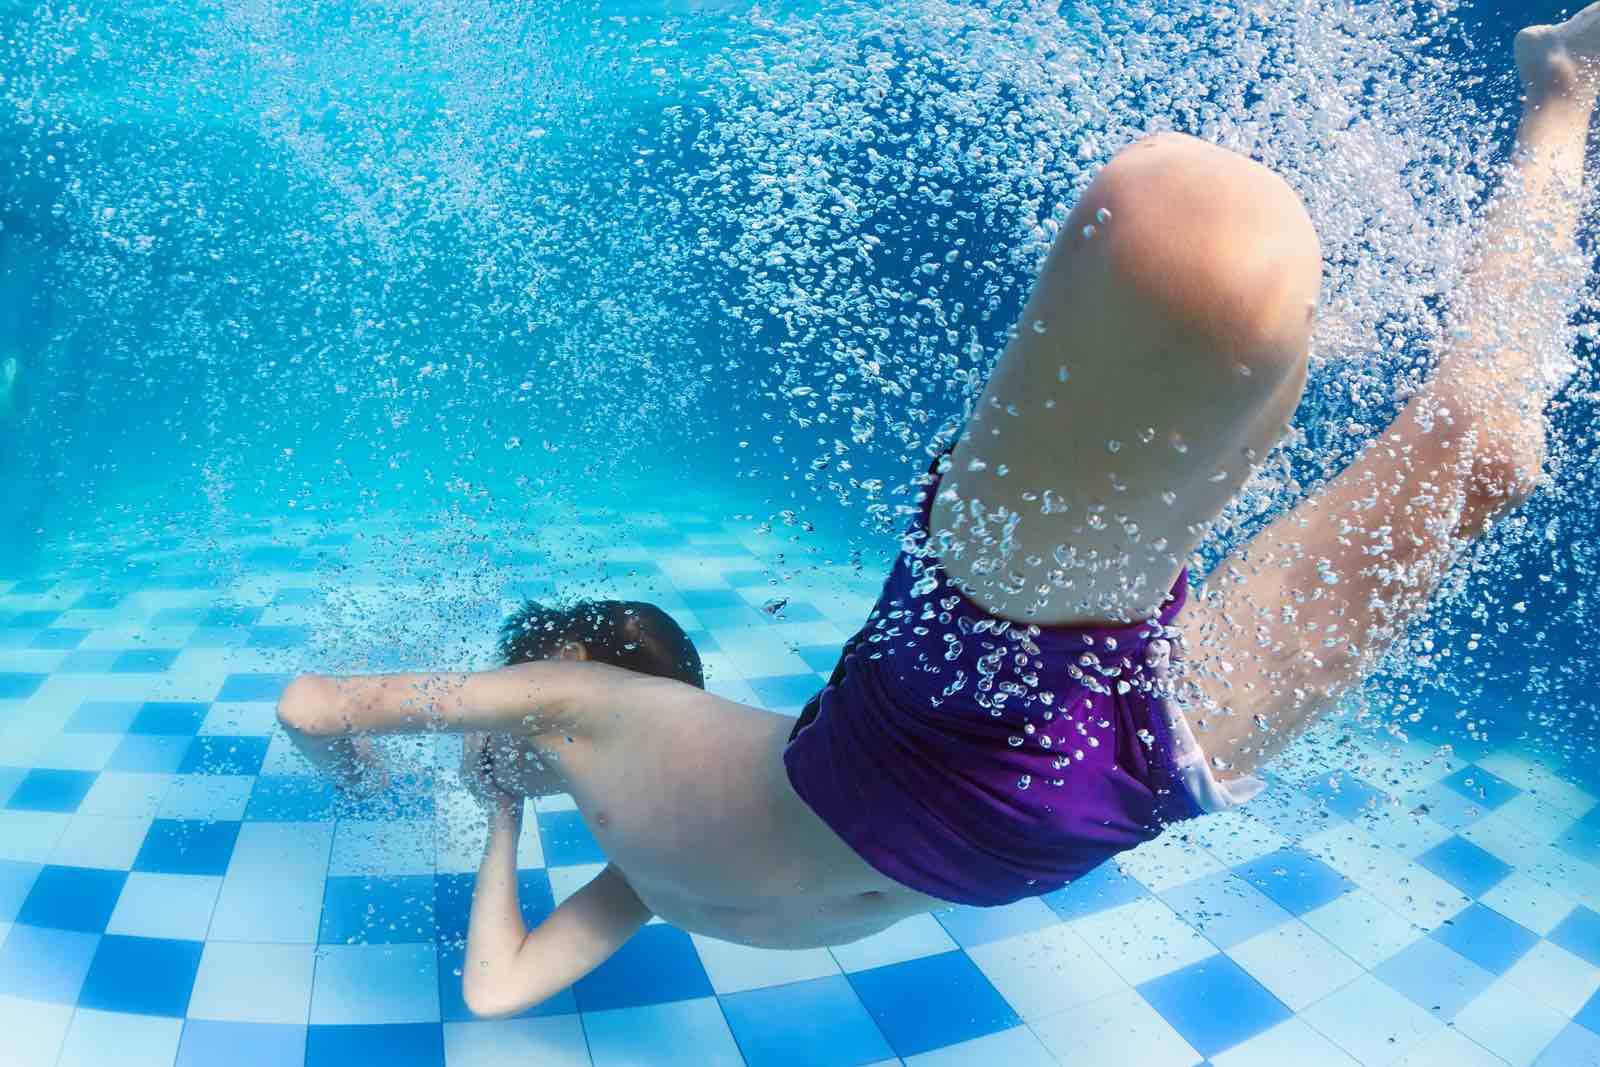 Gutt svømmer under vann